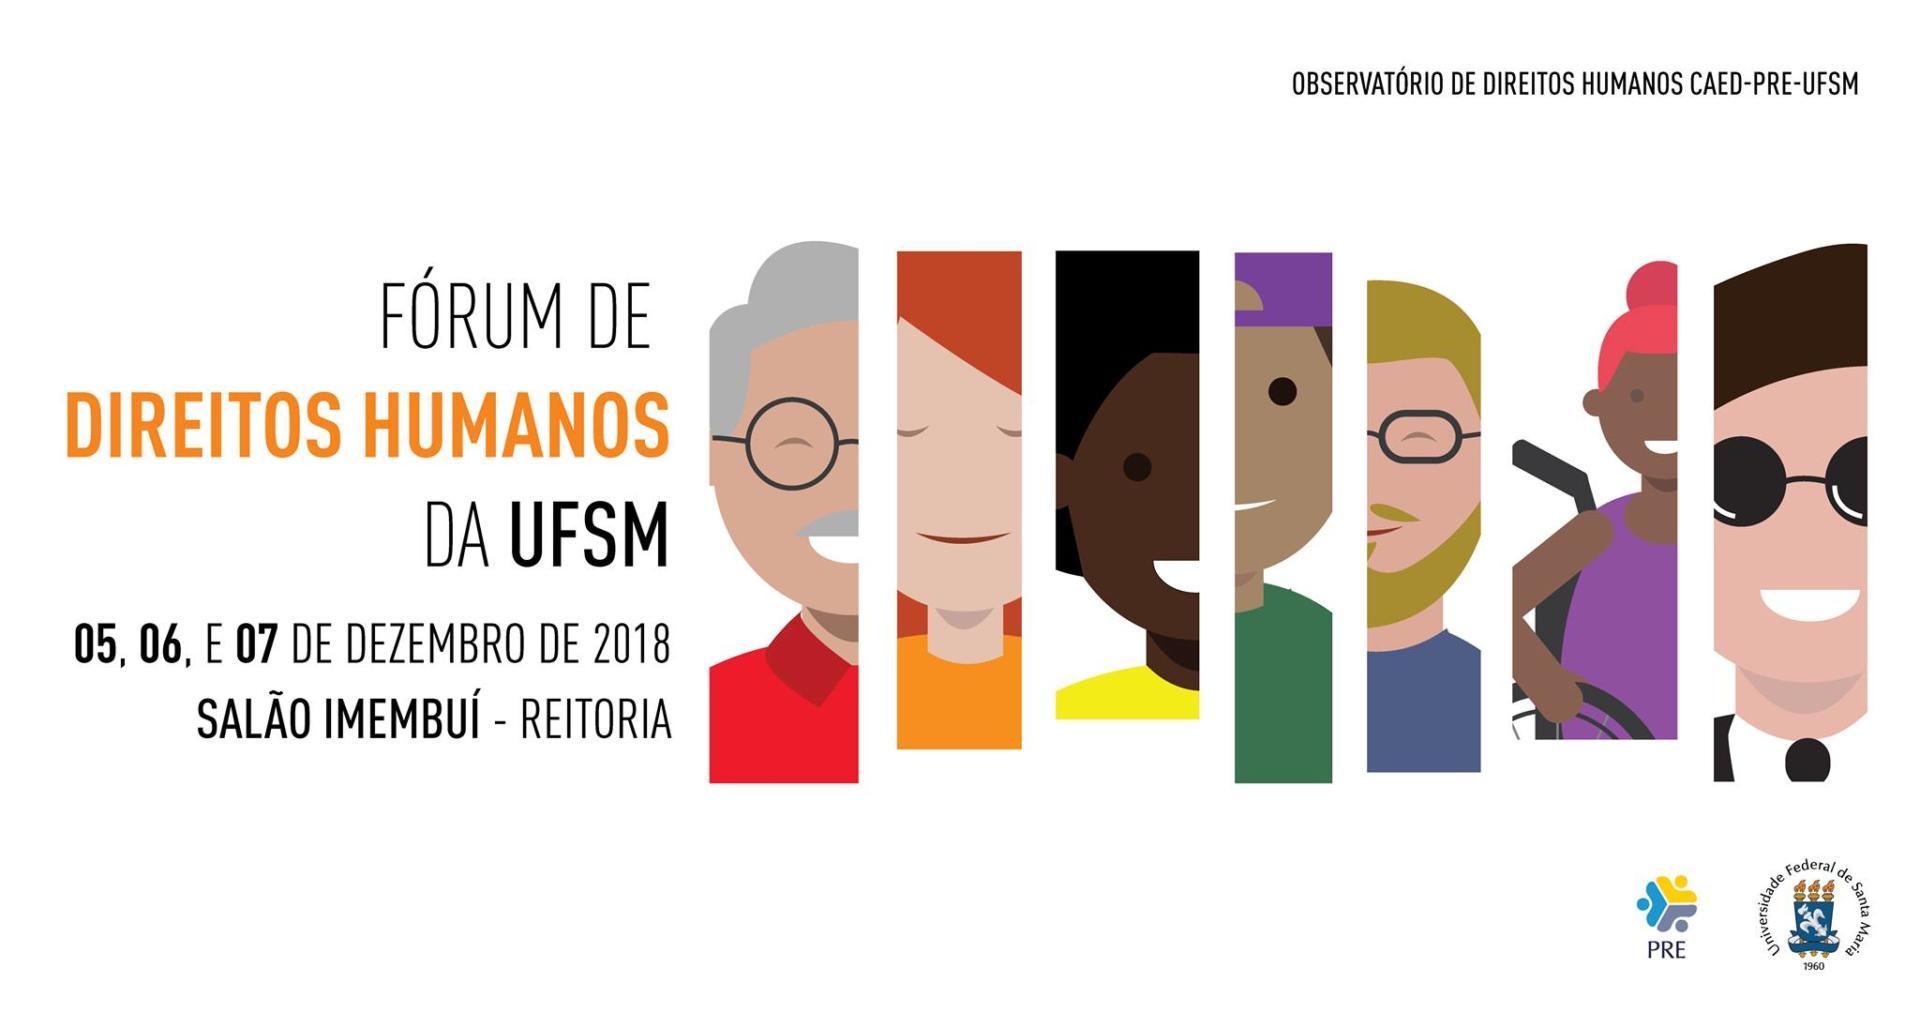 Peça de divulgação do Fórum de Direitos Humanos